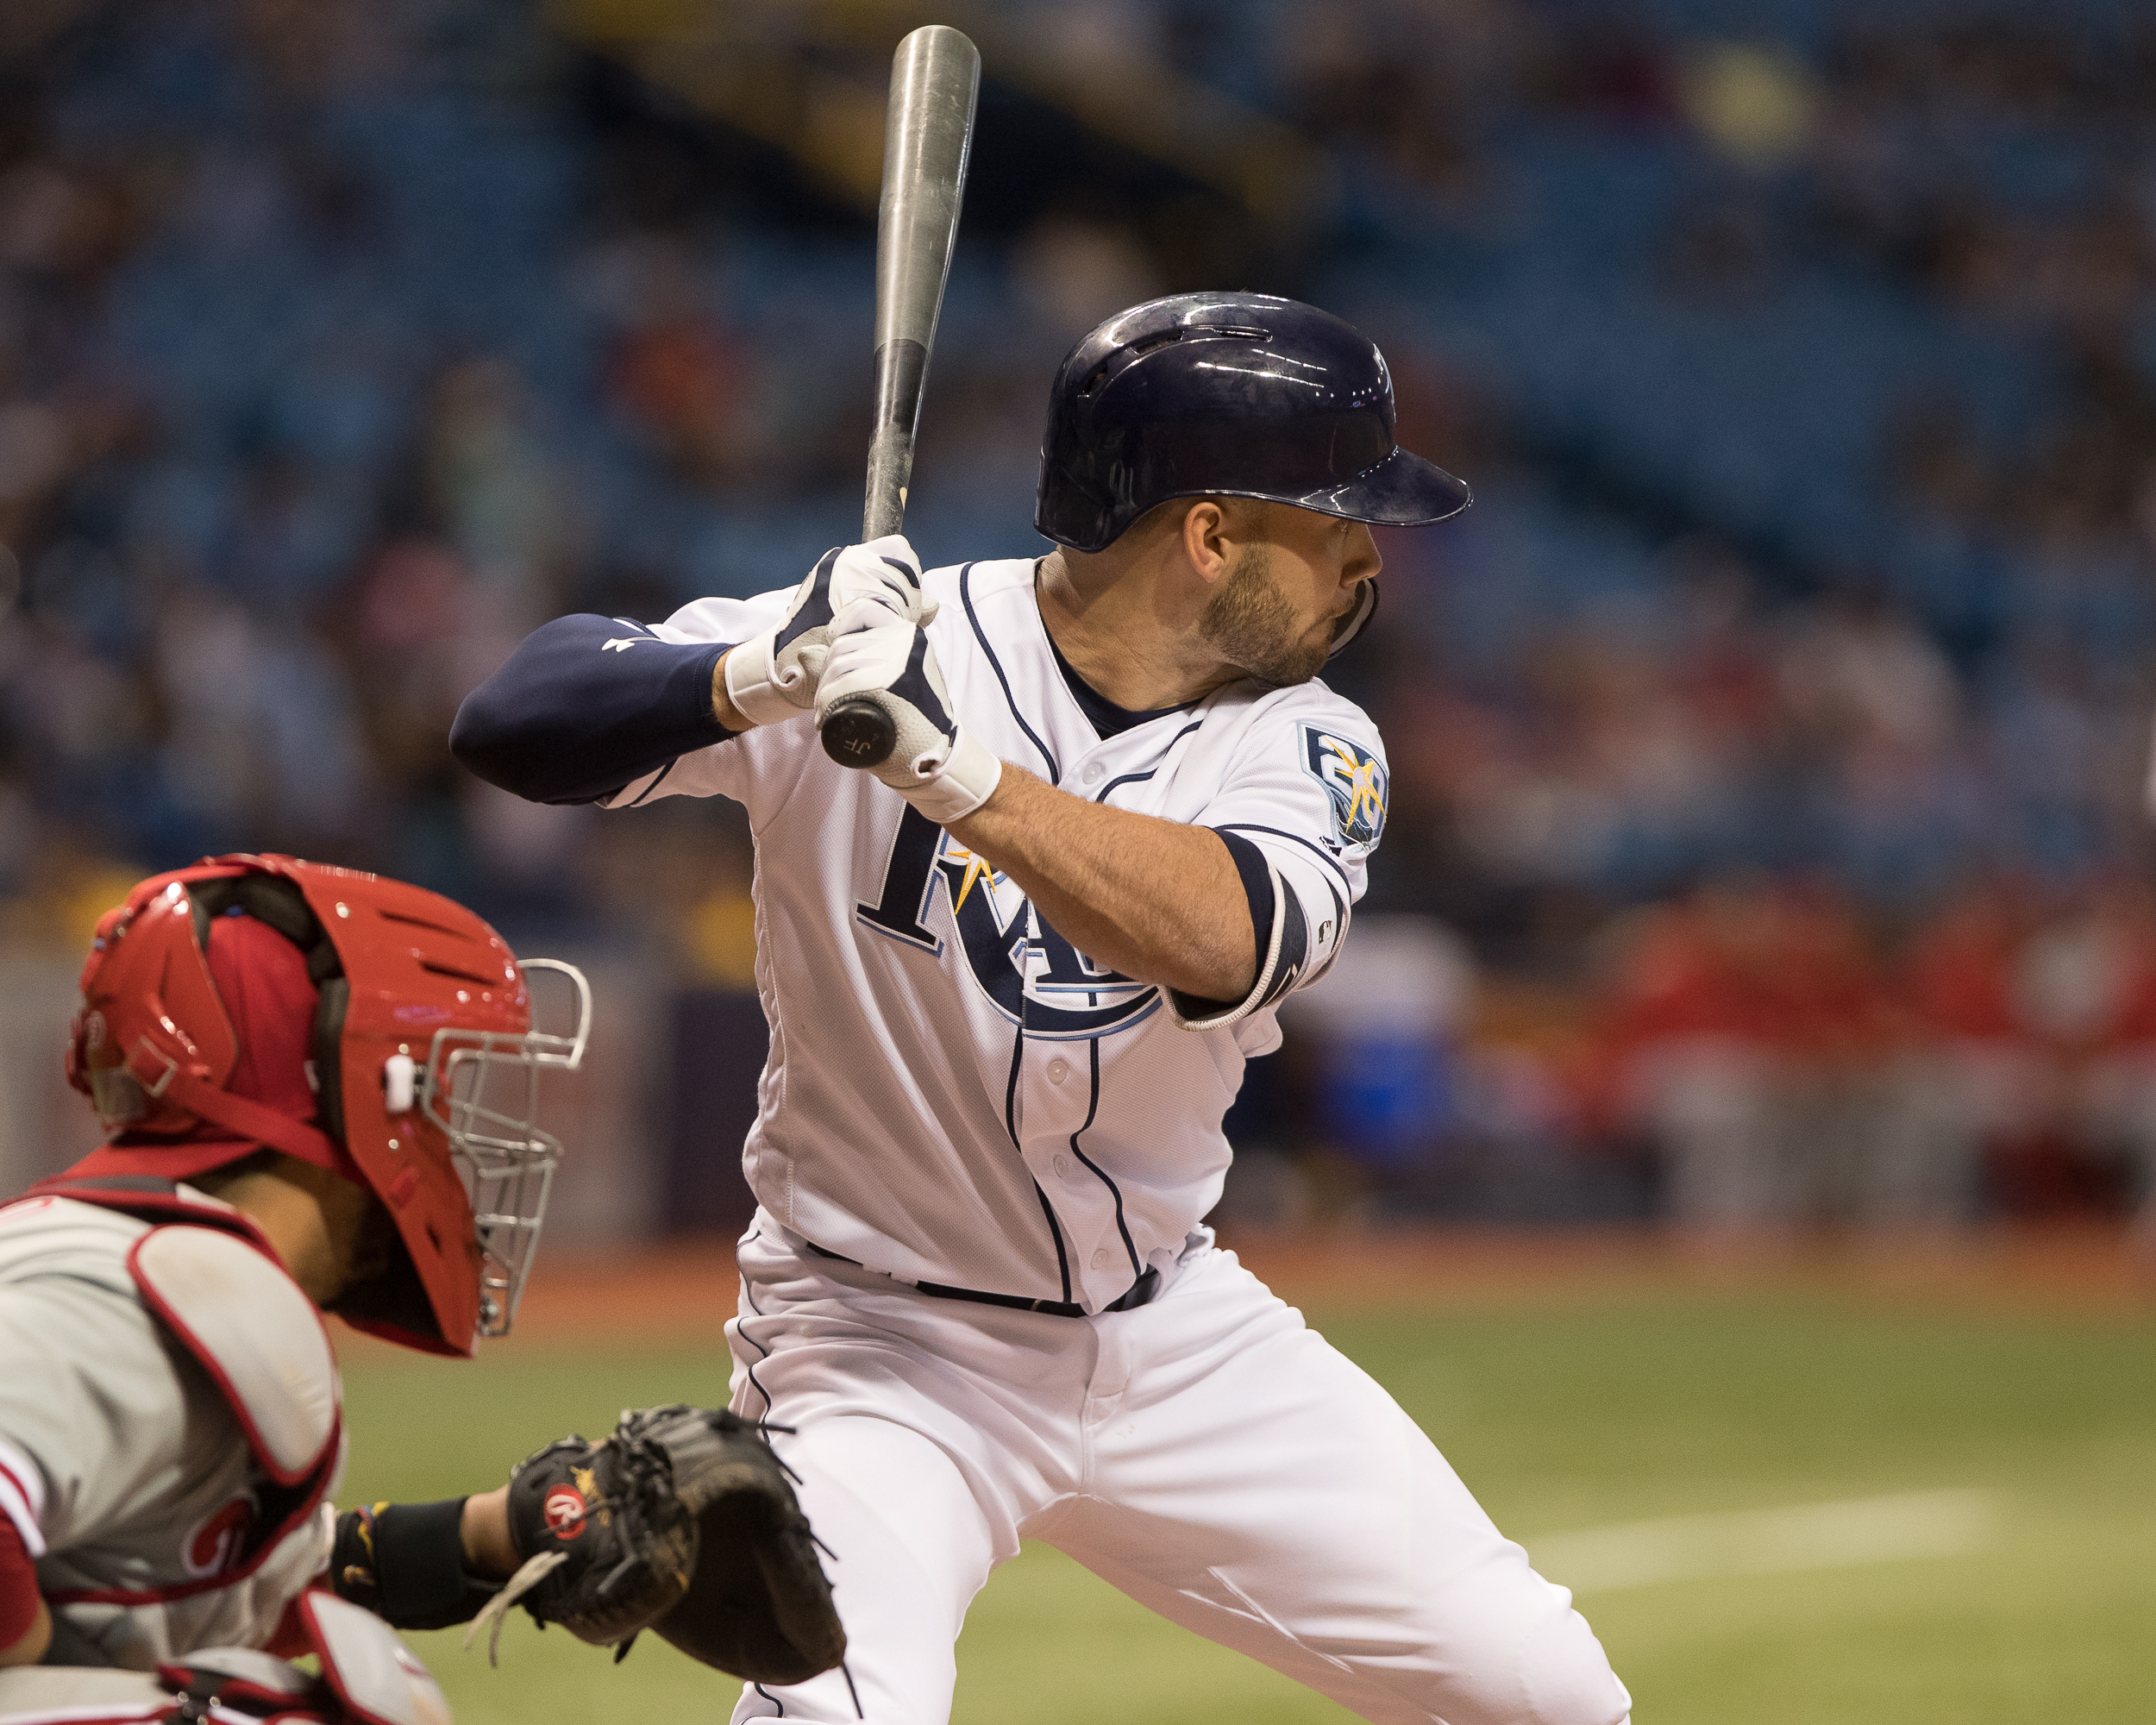 Johnny Field made His MLB Debut./STEVEN MUNCIE